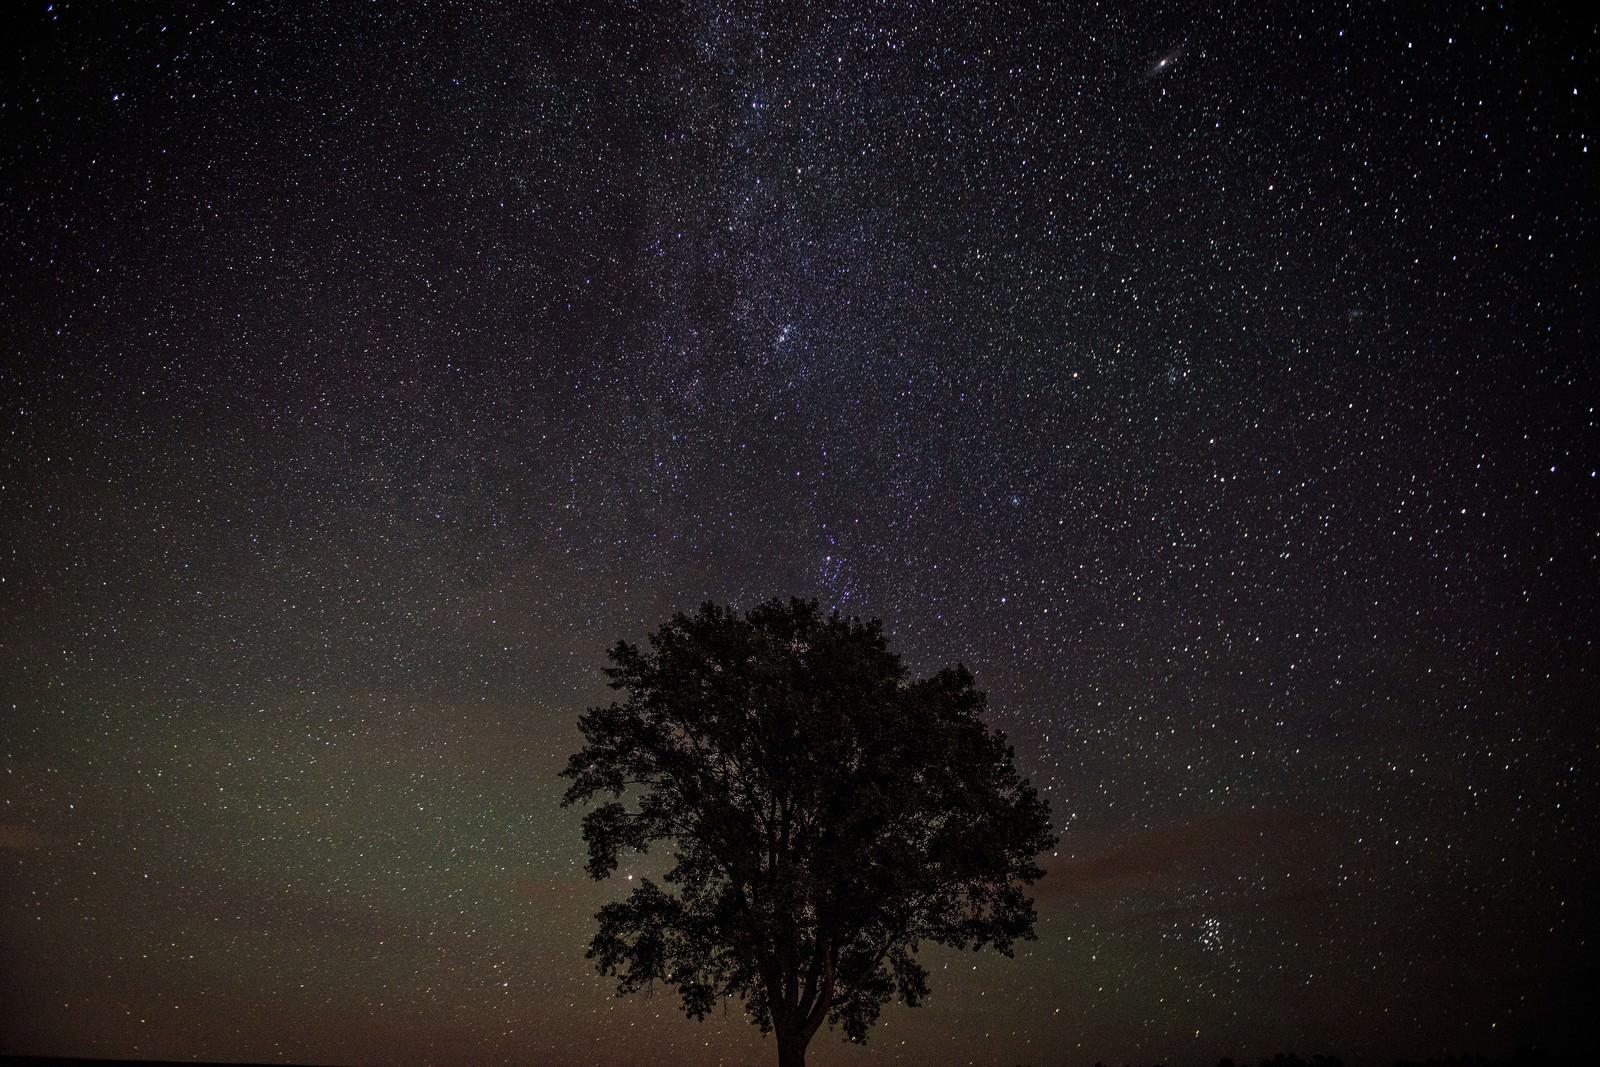 「美瑛の木と星空美瑛の木と星空」のフリー写真素材を拡大